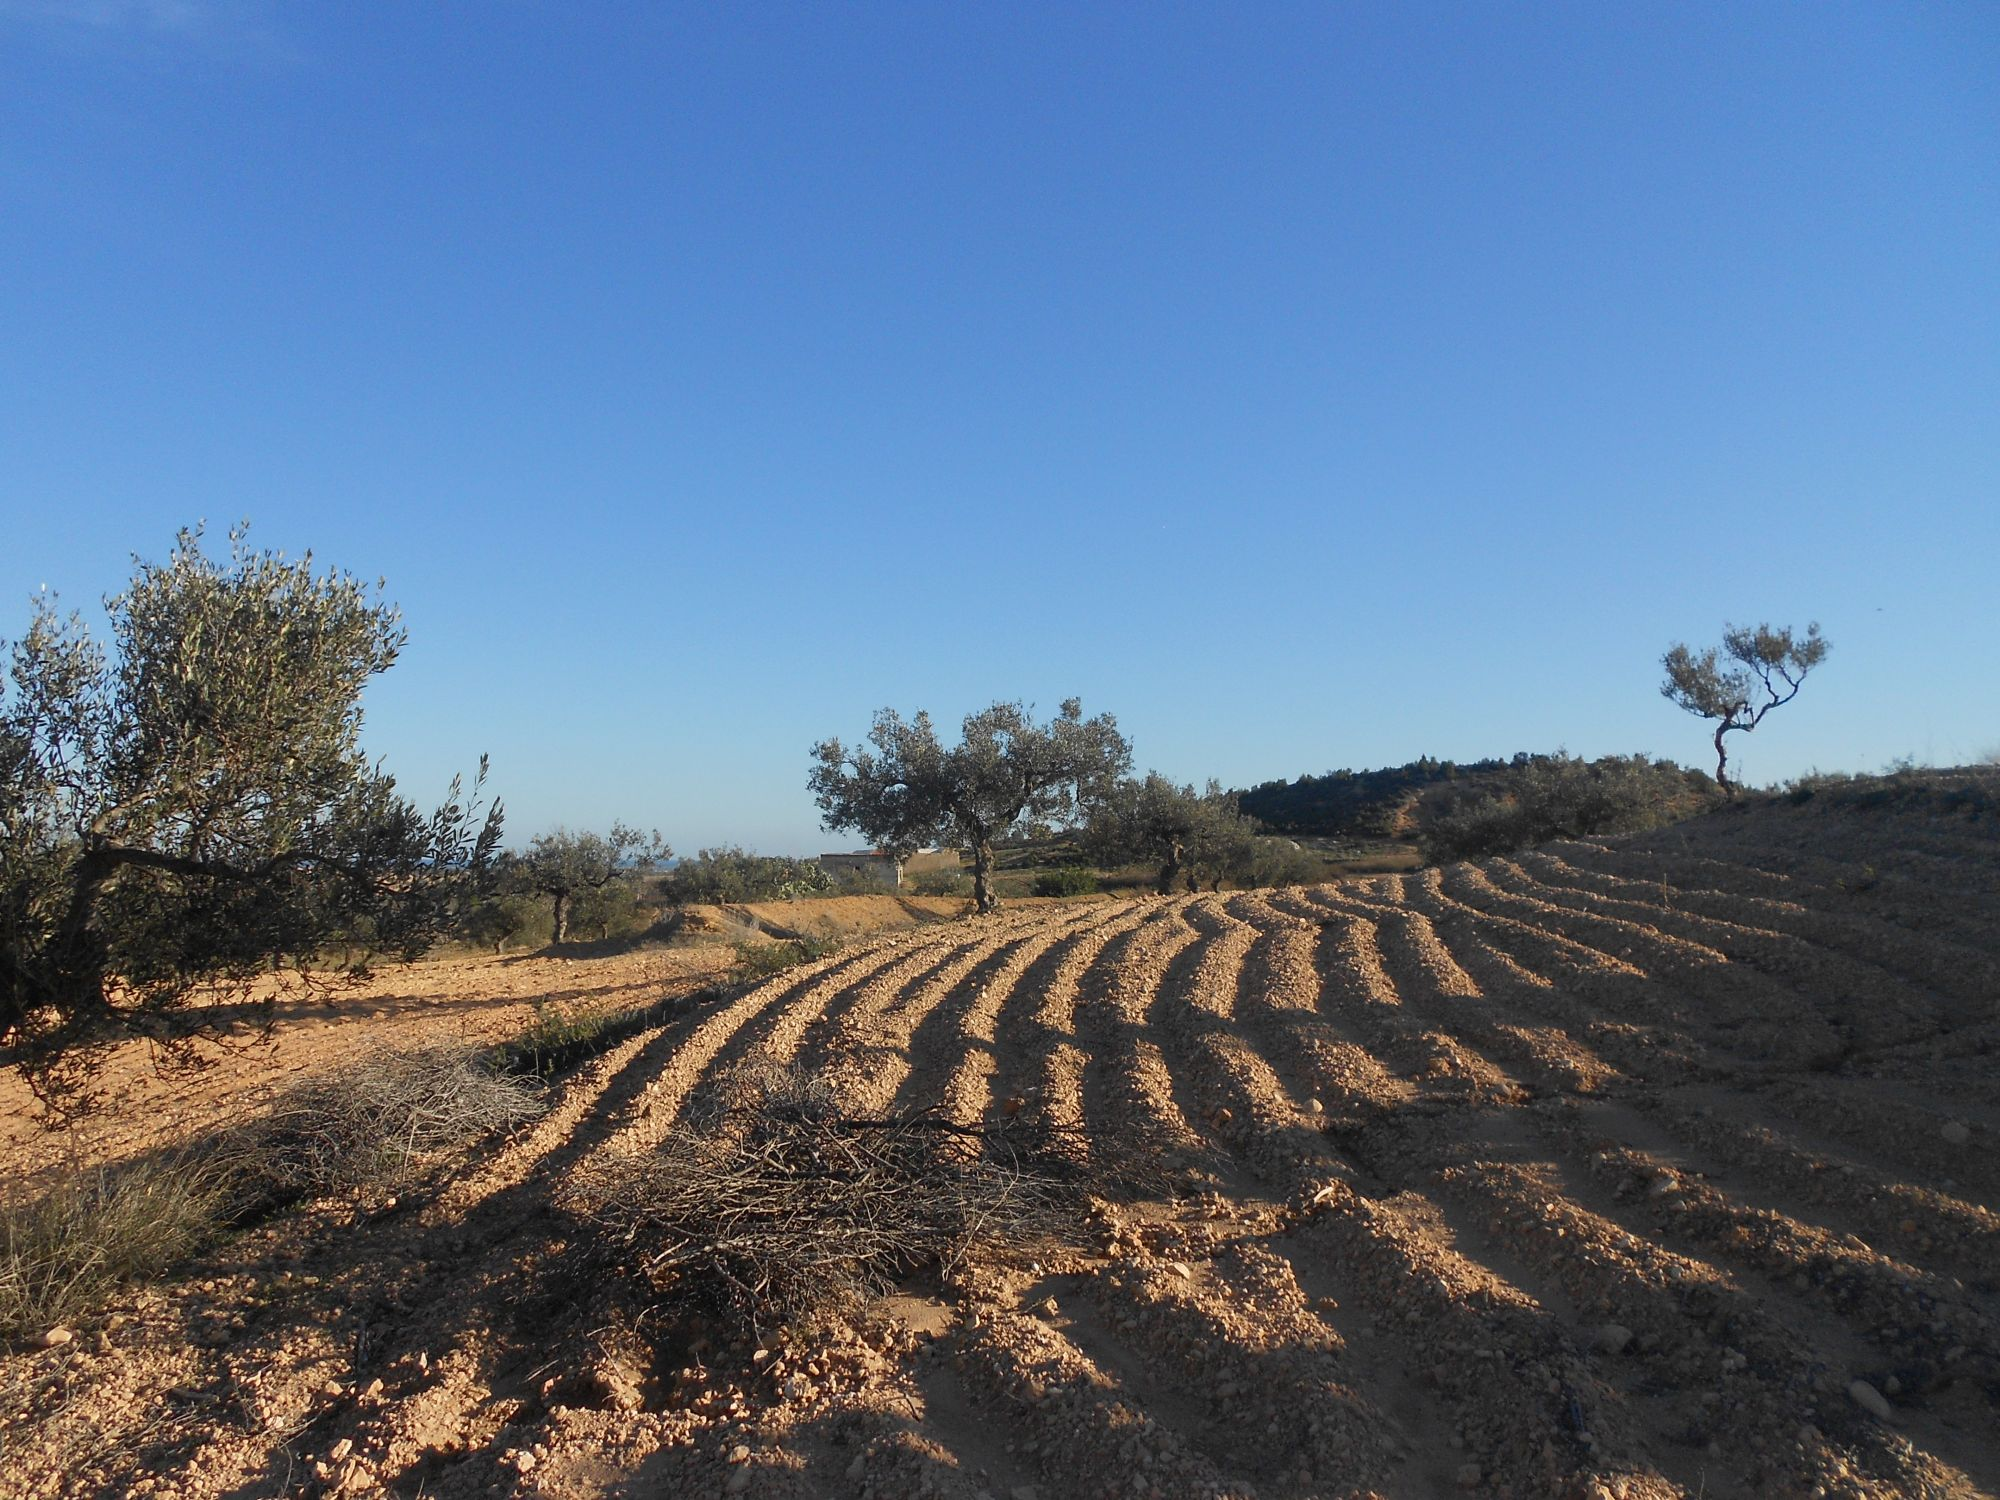 Terrain 2 hectares plant d 39 olives pas loin de hammamet for Vente plantes artificielles tunisie